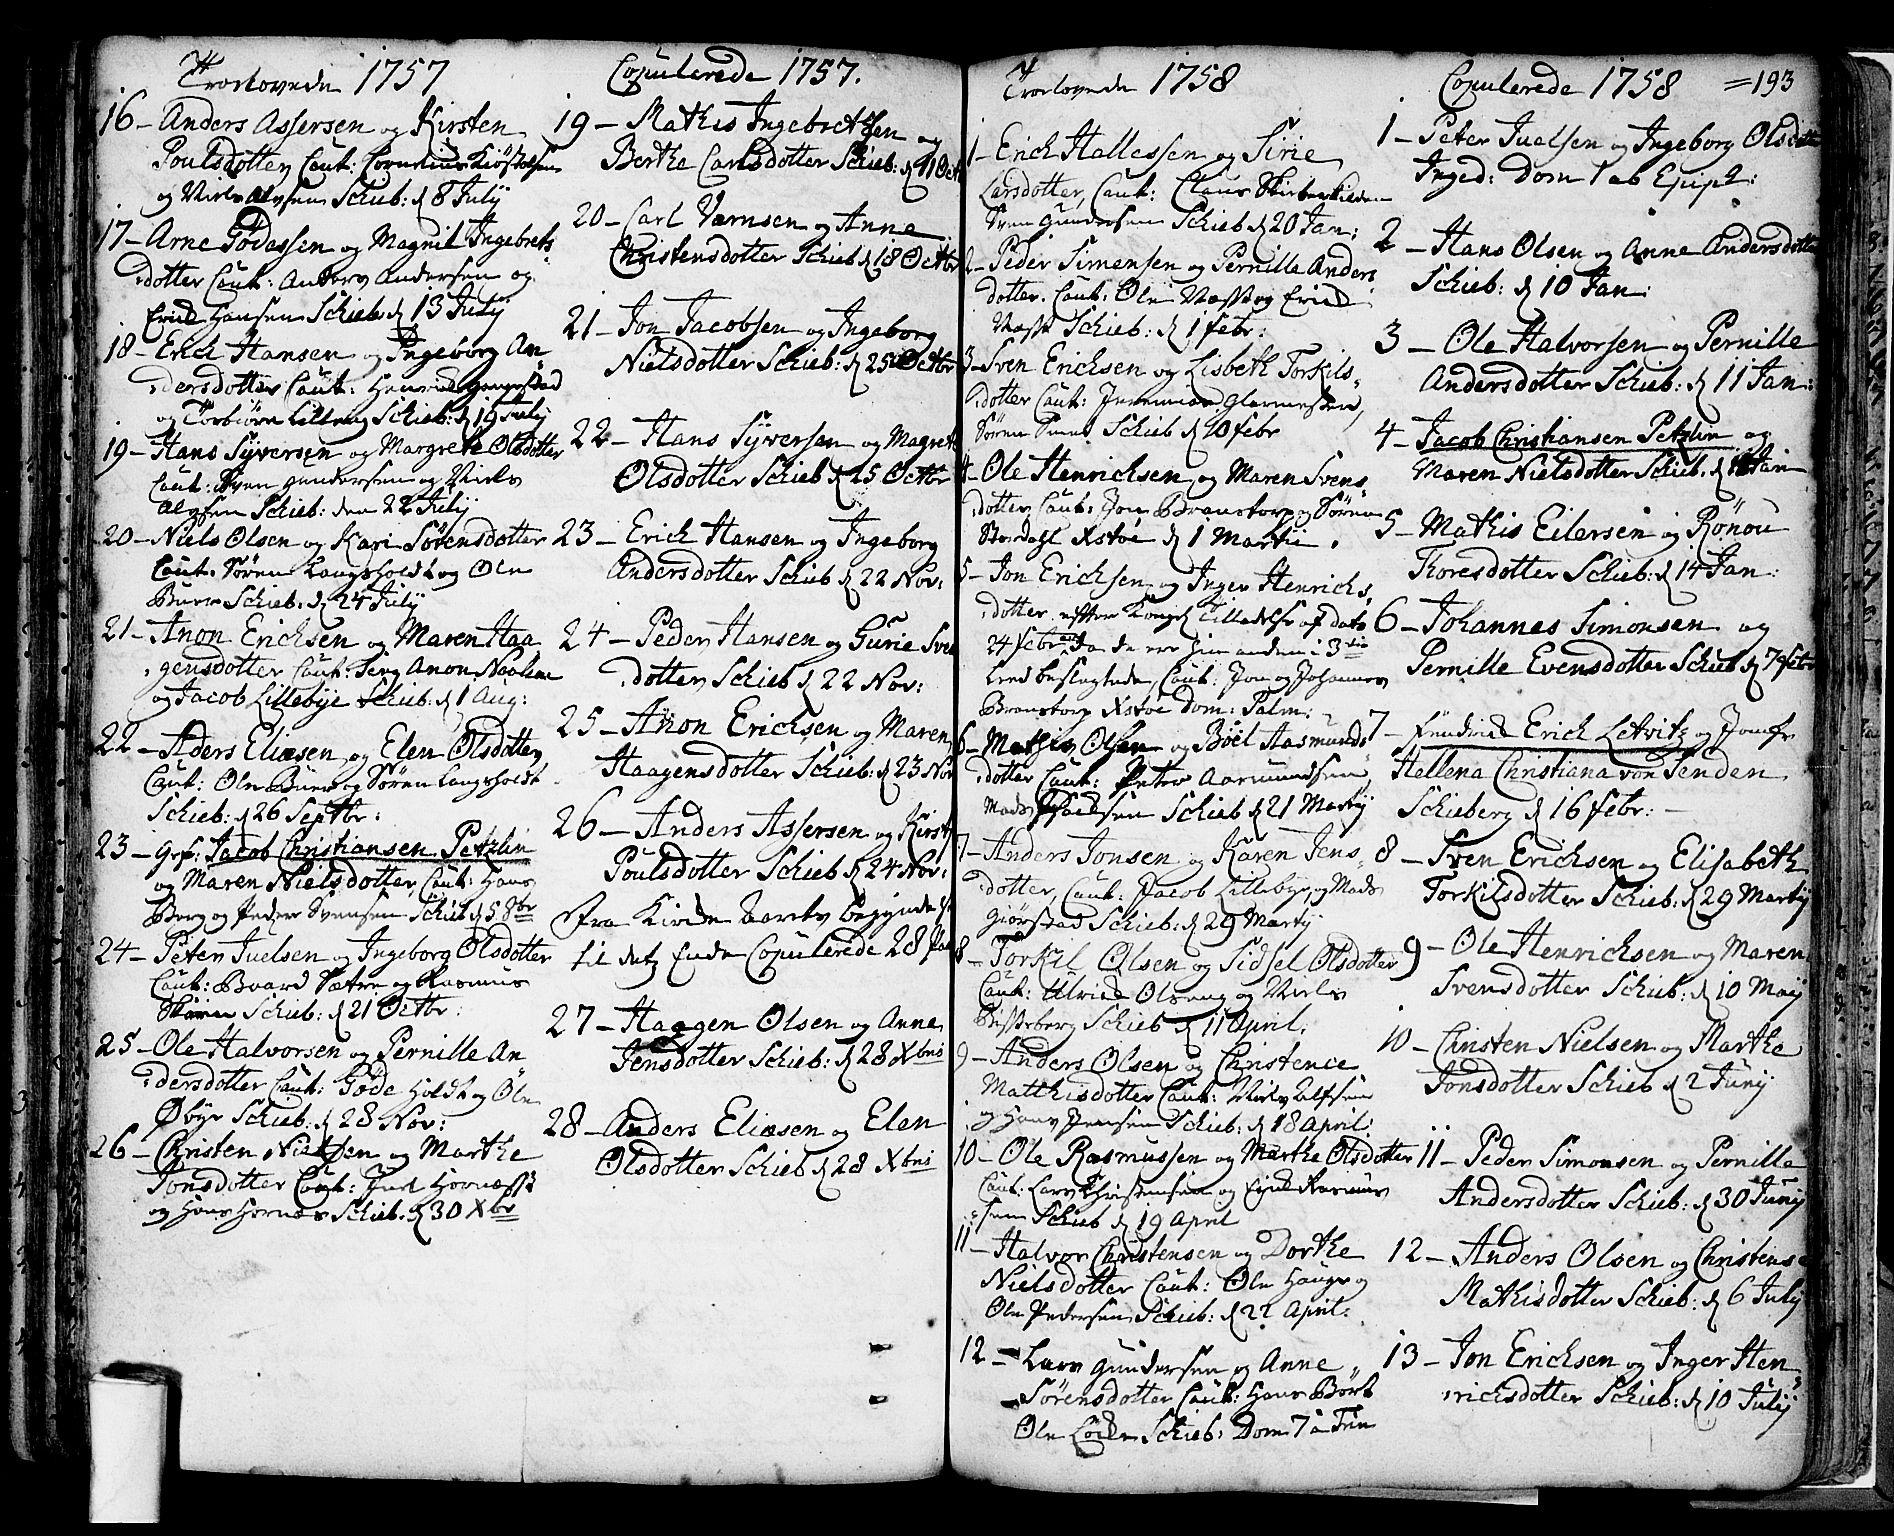 SAO, Skjeberg prestekontor Kirkebøker, F/Fa/L0002: Ministerialbok nr. I 2, 1726-1791, s. 193